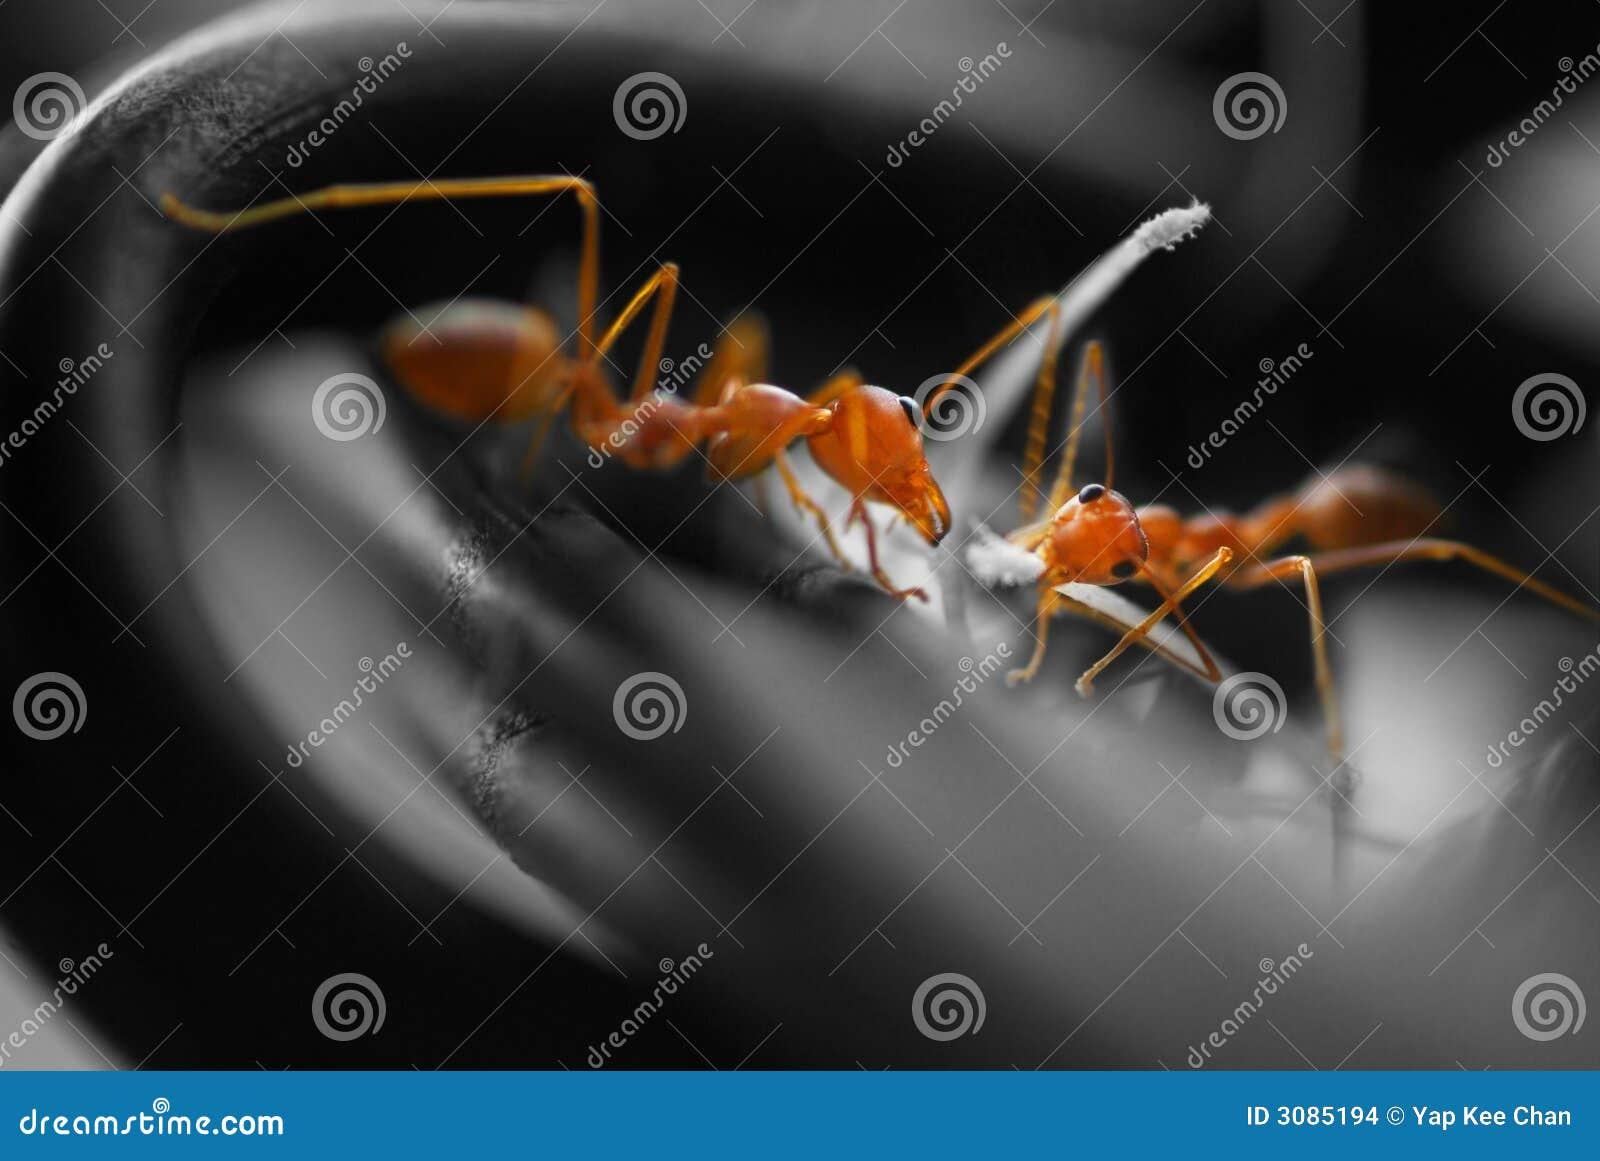 Canalisations de raccordement occupées de fourmis